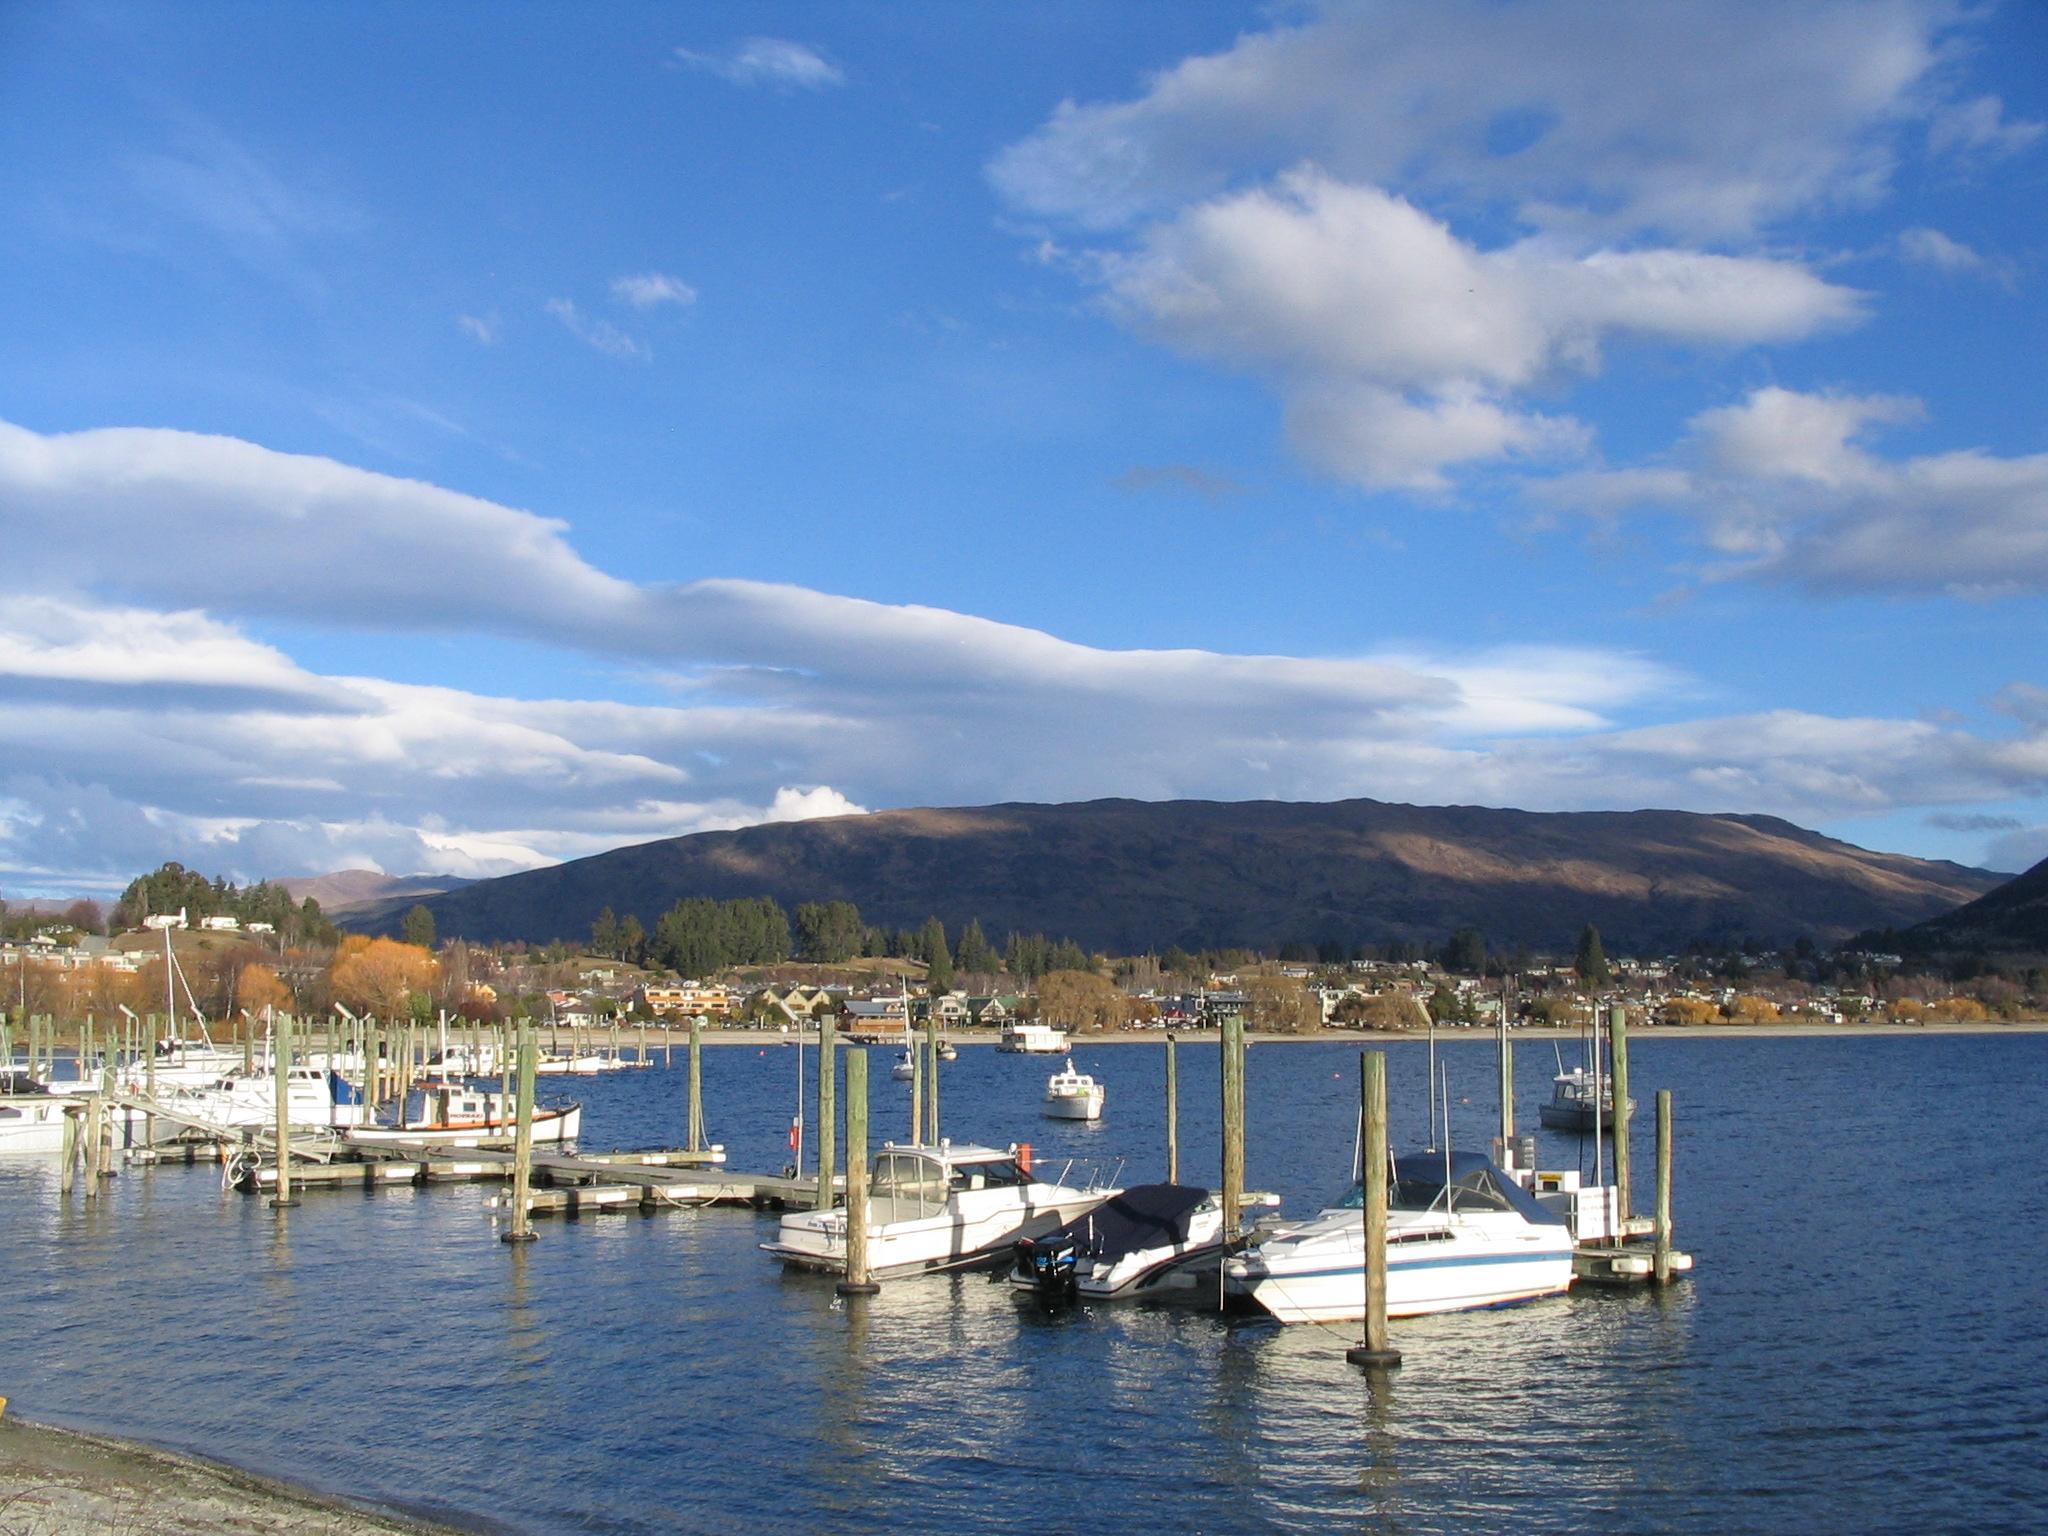 O Lake Wanaka proporciona diversas atividades ao ar livre, para seus moradores e visitantes.